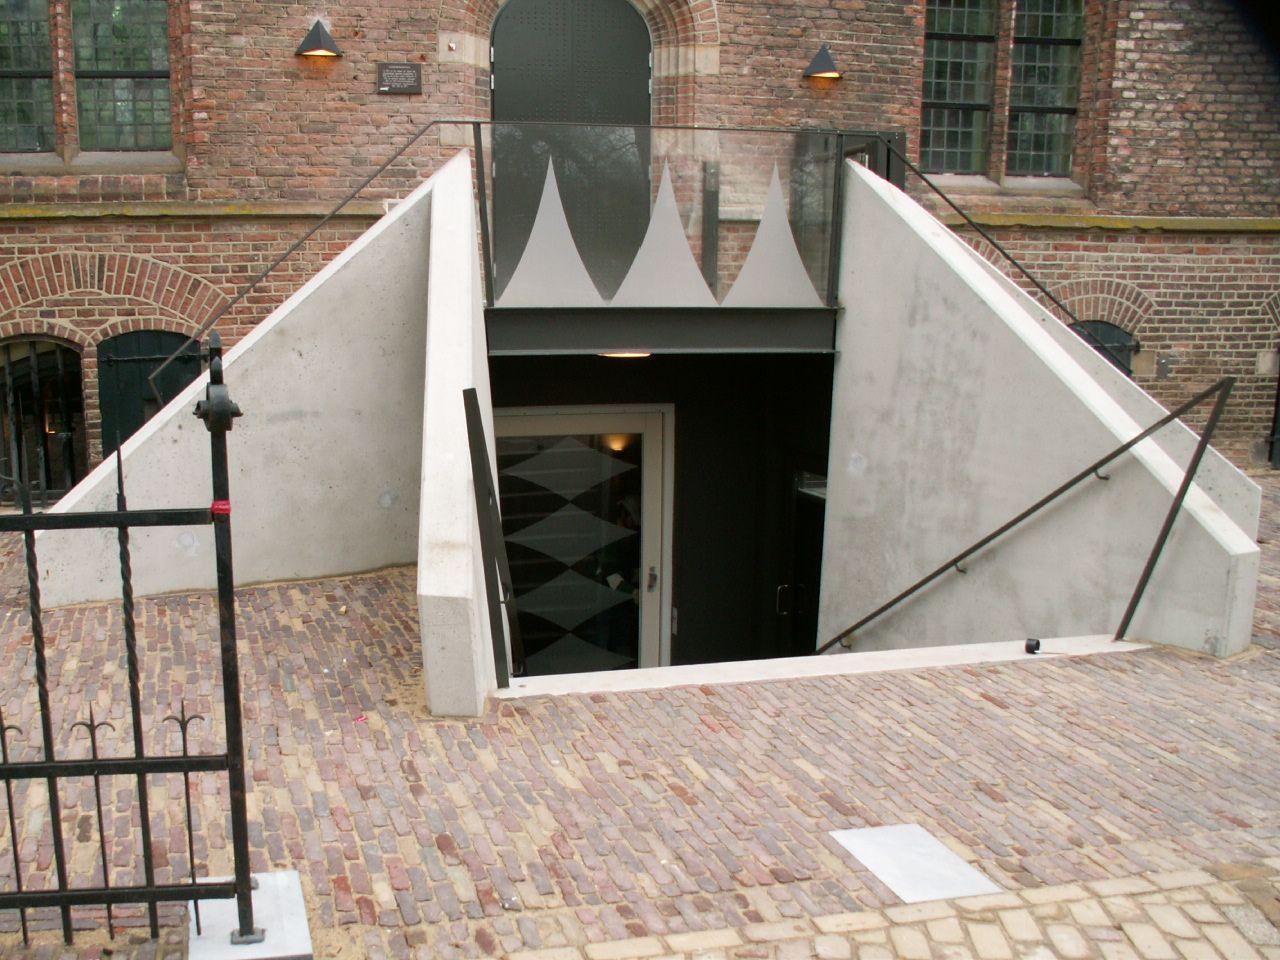 Van der Vegt is bij uitstek de producent van niet alledaagse objecten. Door de vakkennis die in het bedrijf aanwezig is, kunnen de meest uiteenlopende voorwerpen gemaakt worden. Door  vakkennis kunnen de meest diverse trappen en balustraden gemaakt worden.